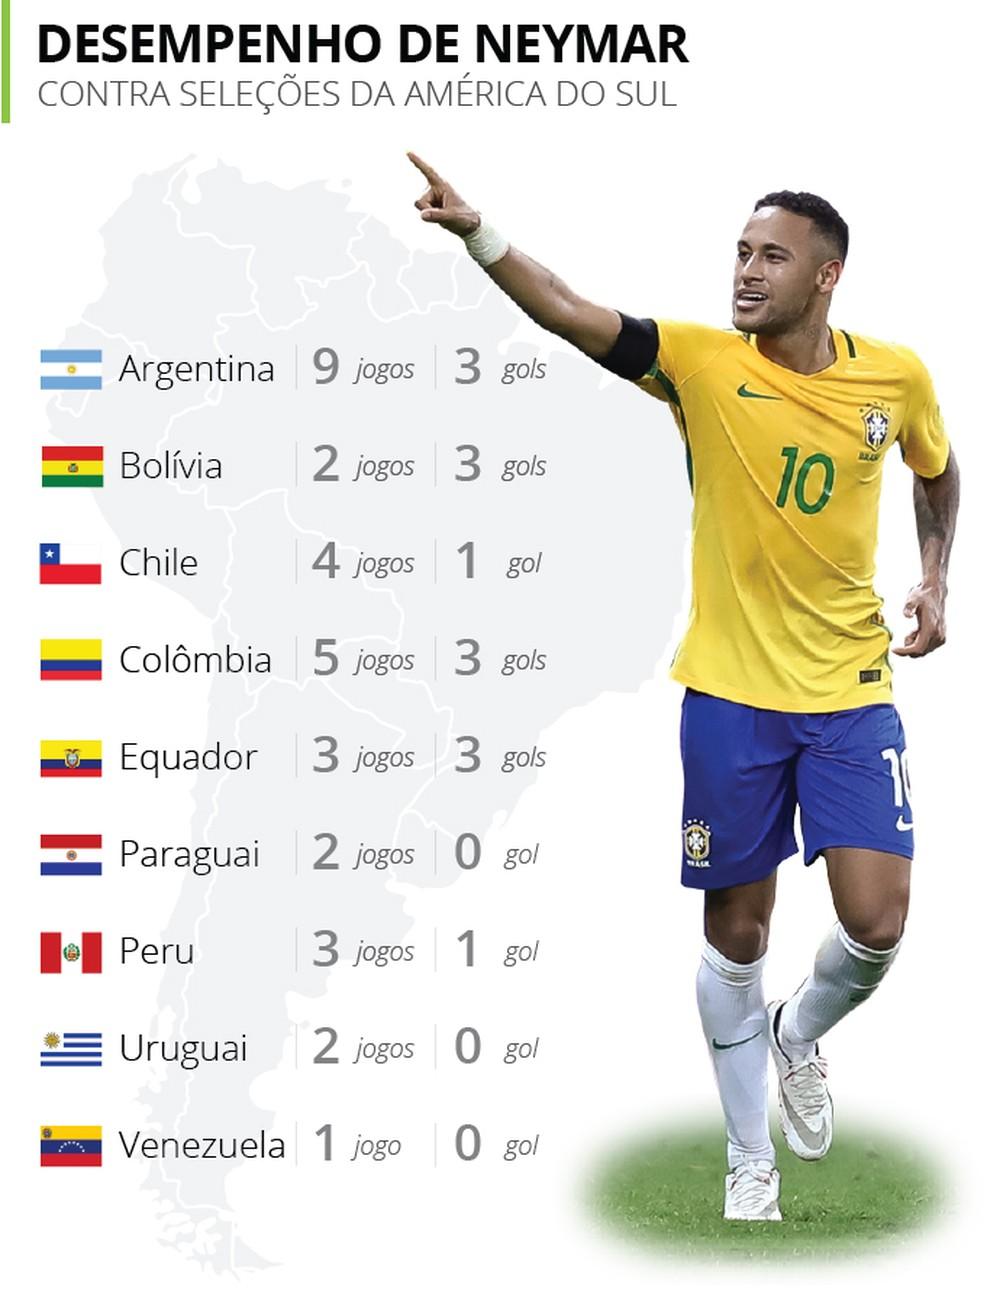 El registro de Neymar en Sudamérica / imagen: Globoesporte